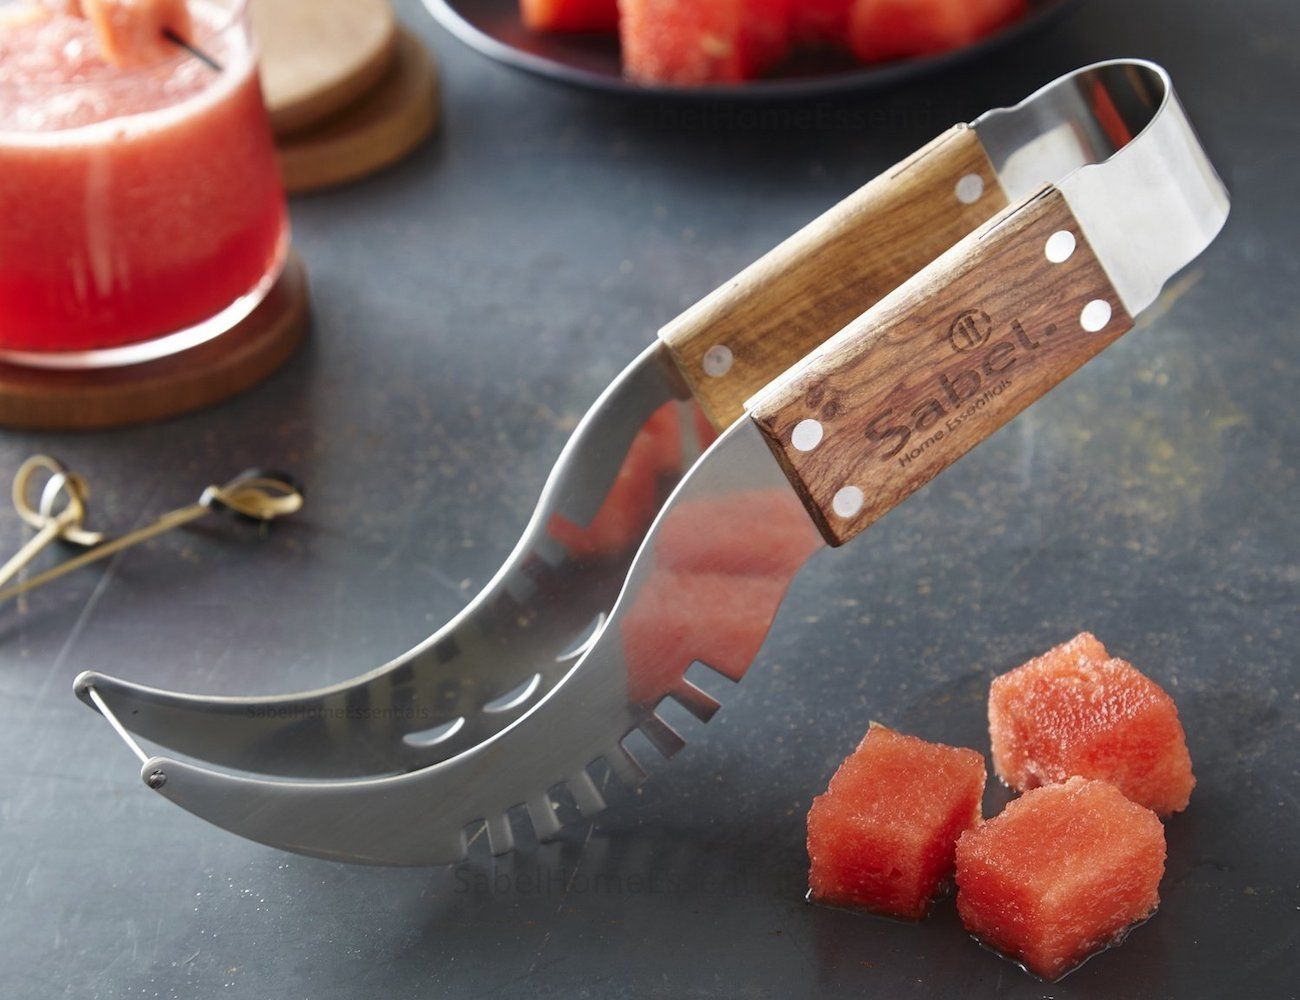 Sabel+Wood+Watermelon+Slicer